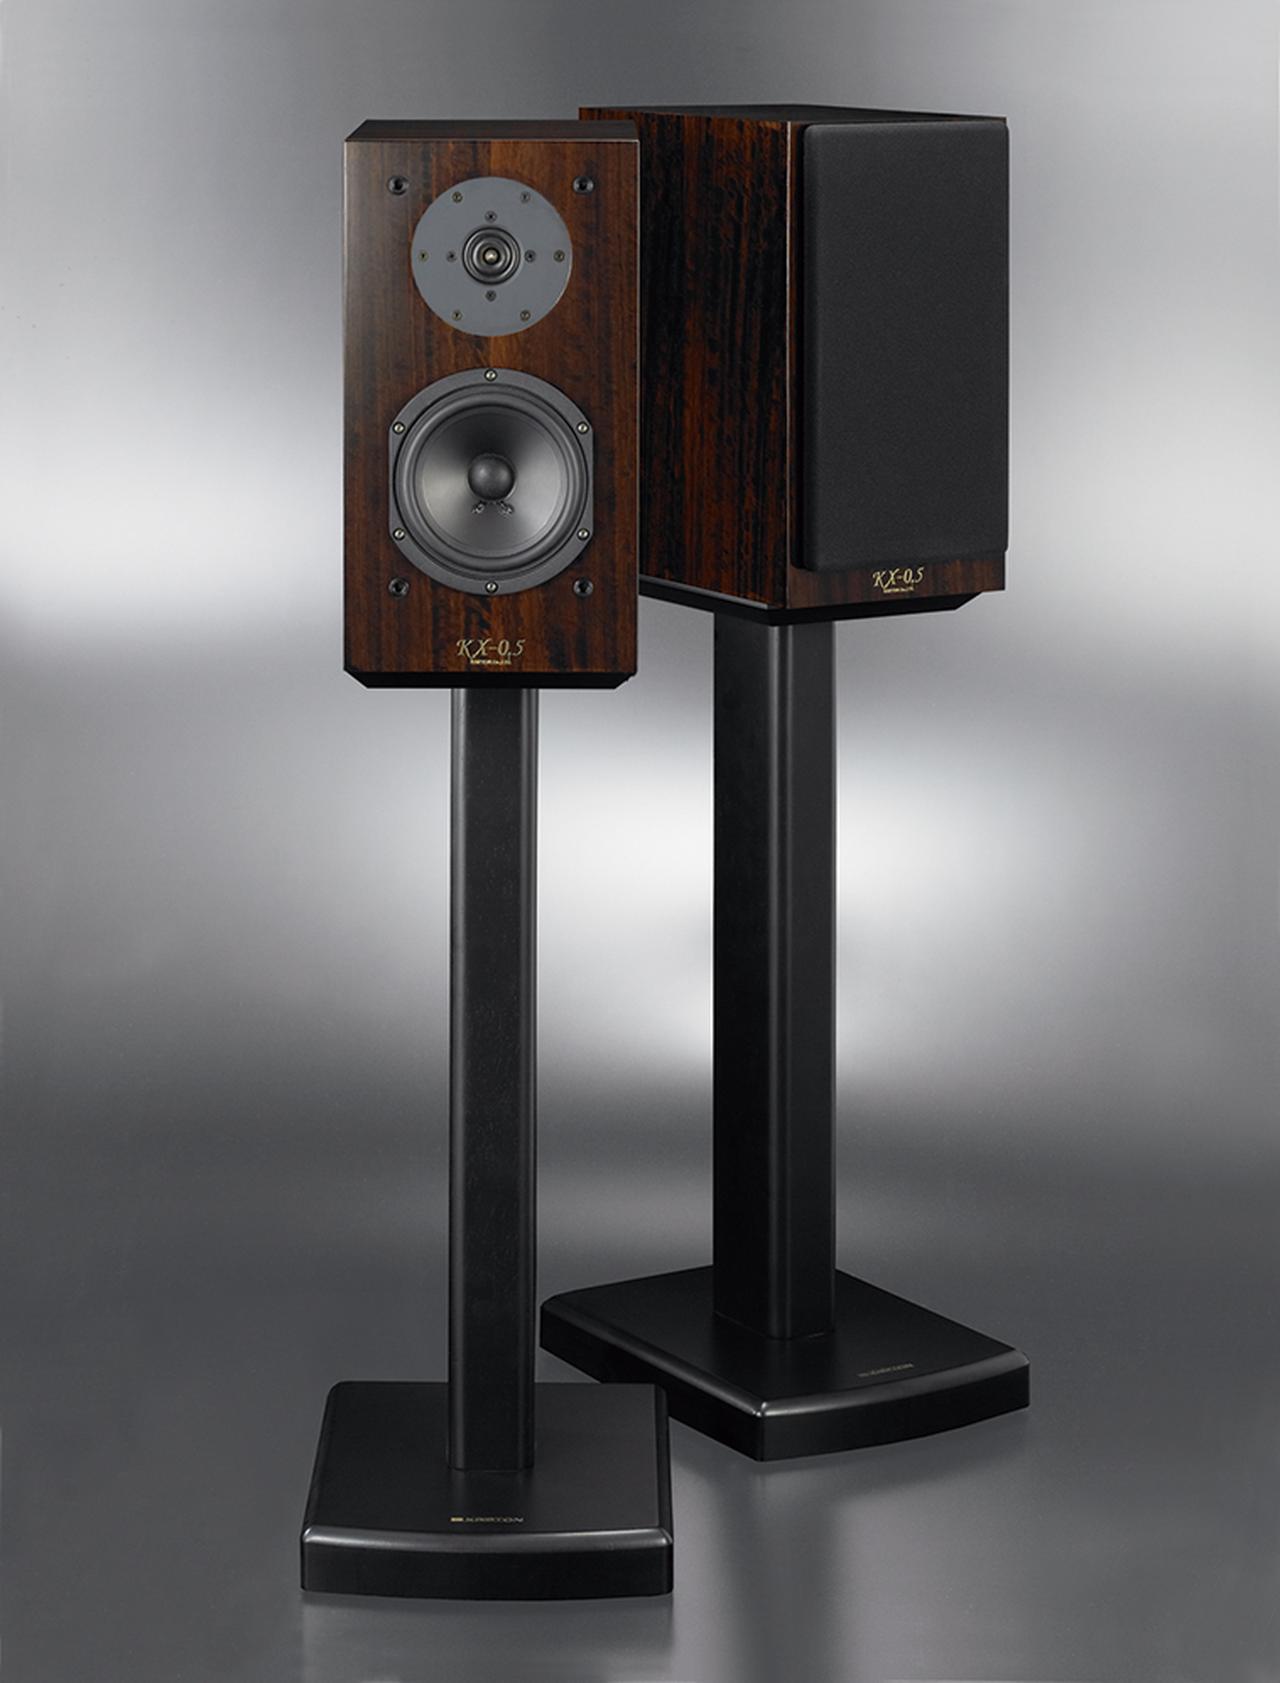 画像: ウーハーが小型化され、見た目のバランスも新しい。シックな木質が音のたたずまいにマッチしたハイCPモデルだ。写真のスタンド、SD-1は別売(4万5140円・ペア)。